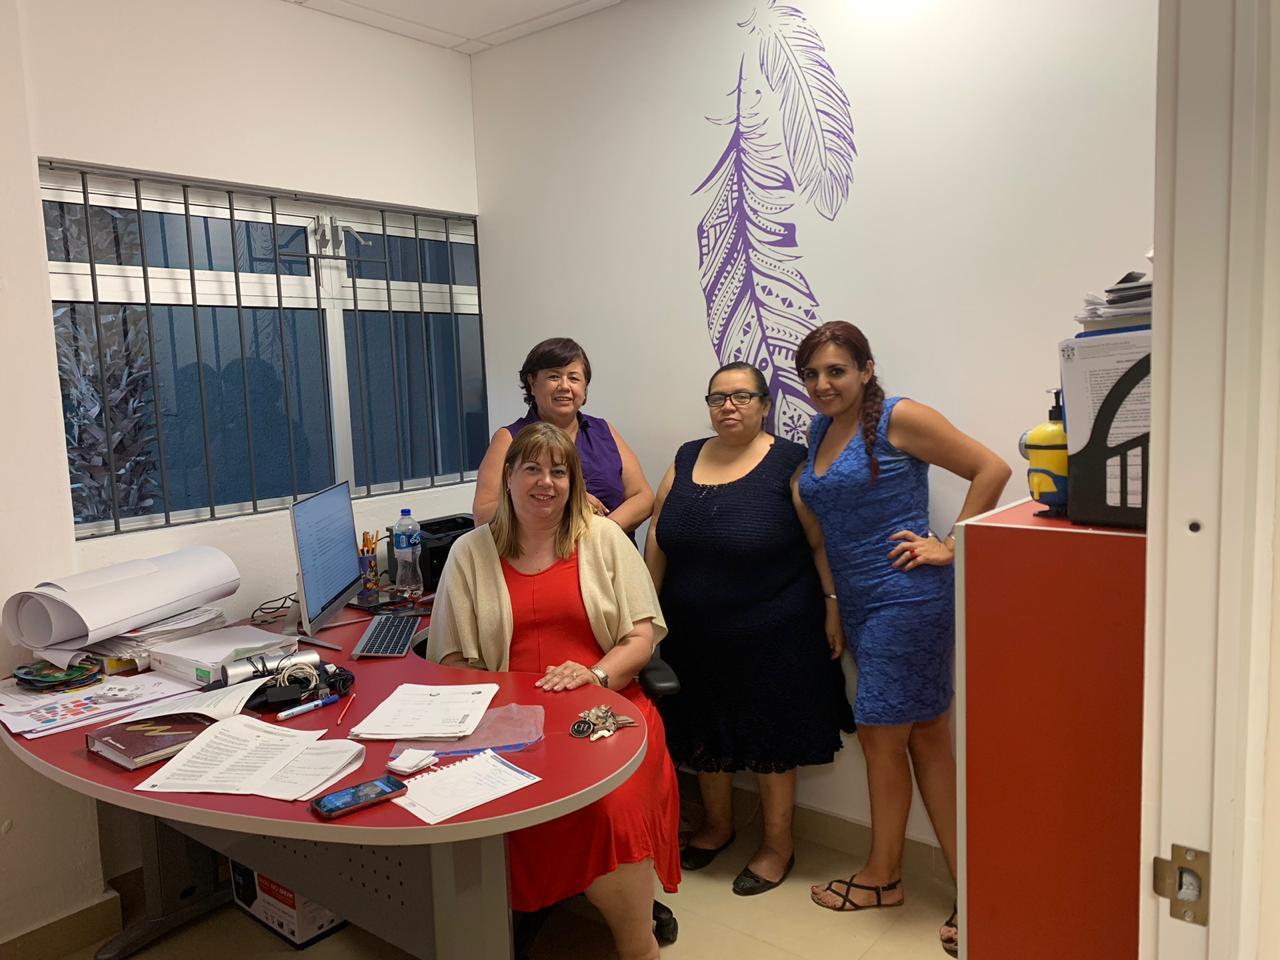 Dra Serafina Castro posando para la foto con el equipo de psicólogas del INPSIEE